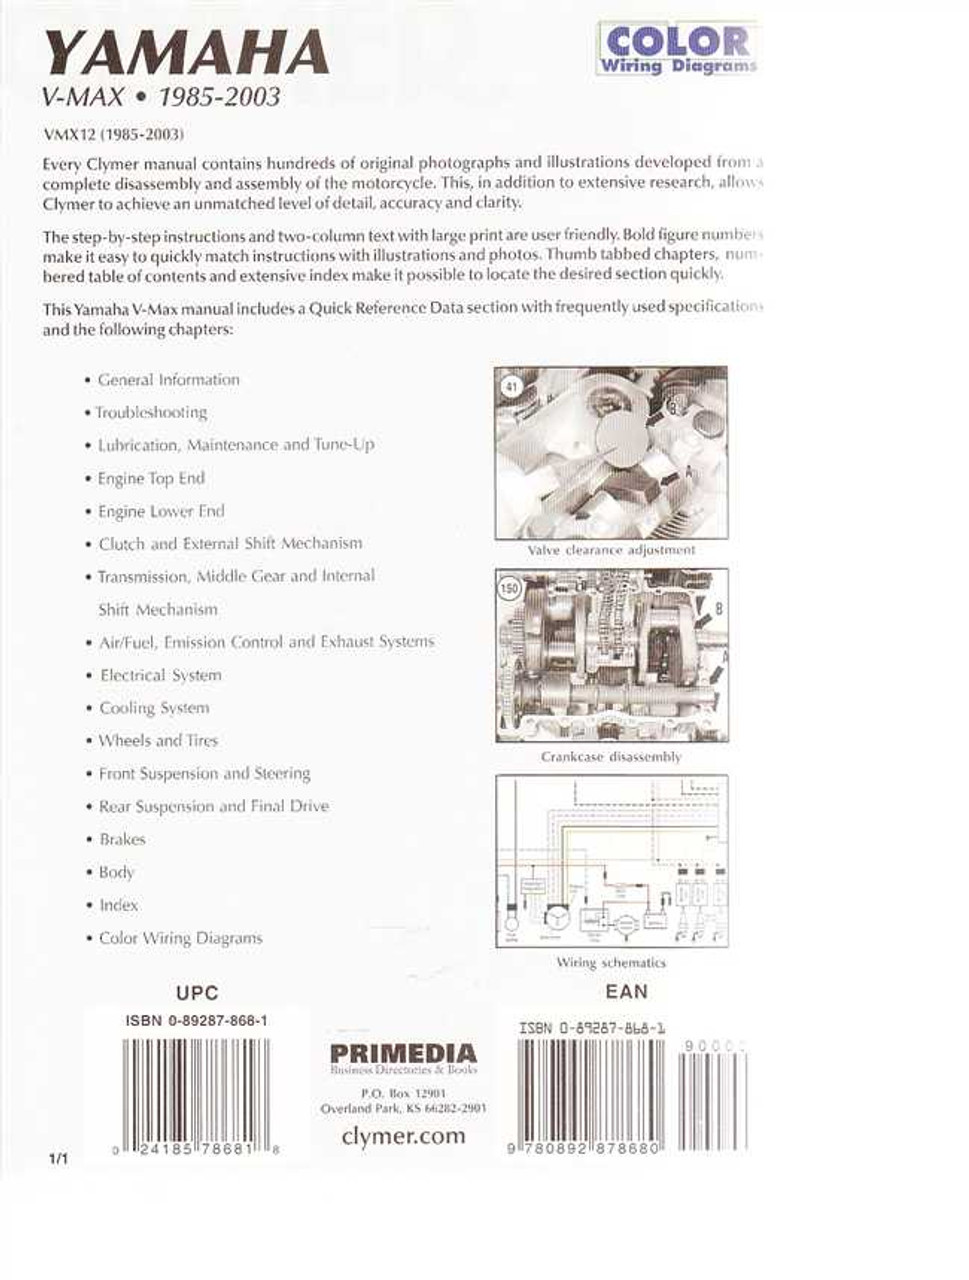 yamaha vmx12 1997 repair service manual